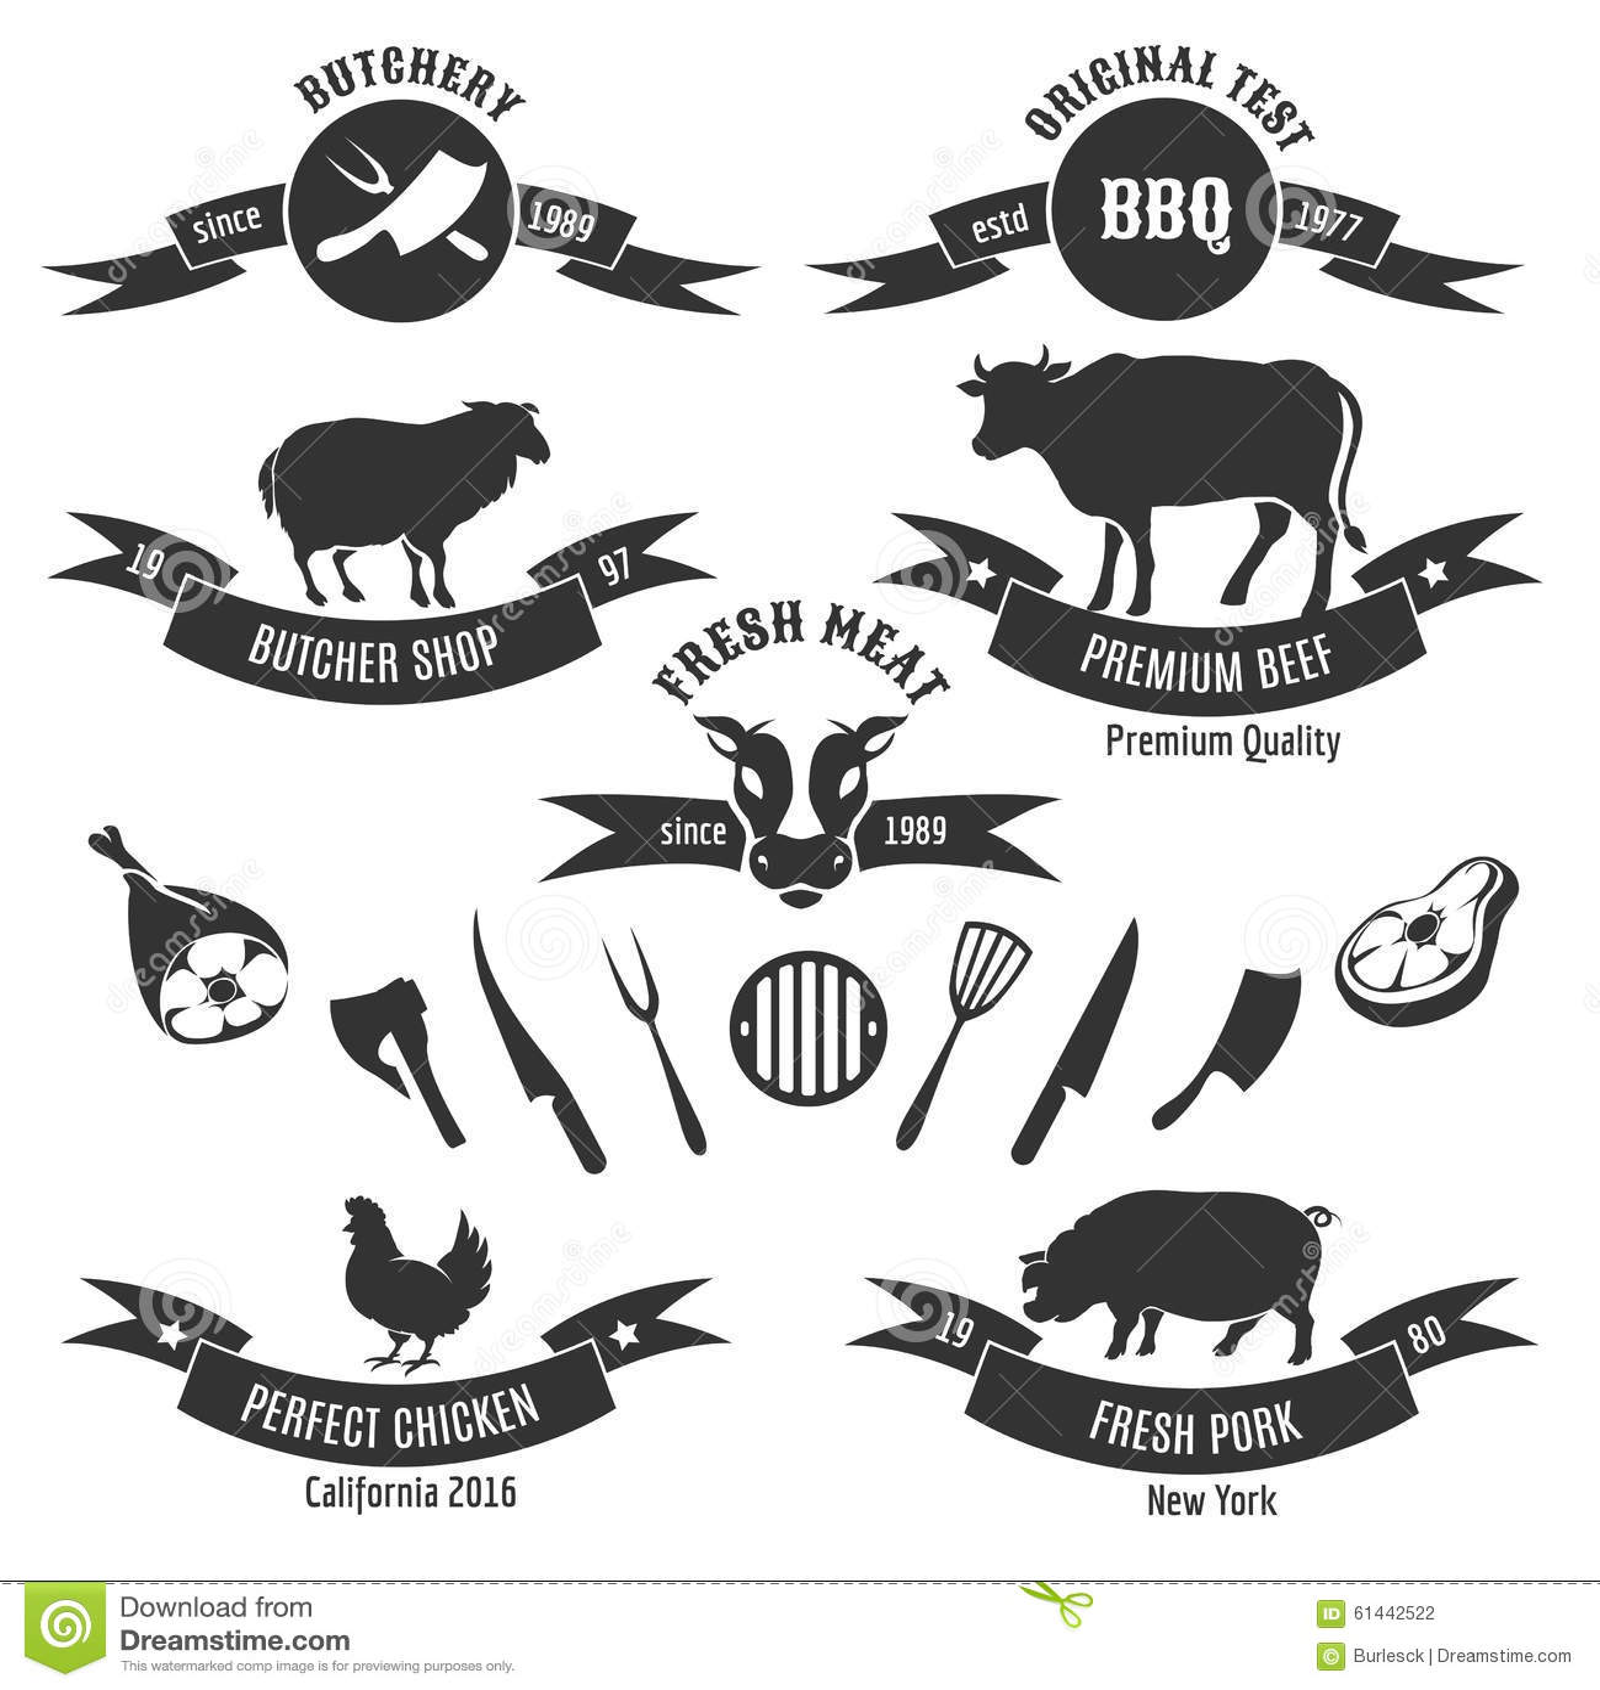 1 2 Beef Butchering Diagram